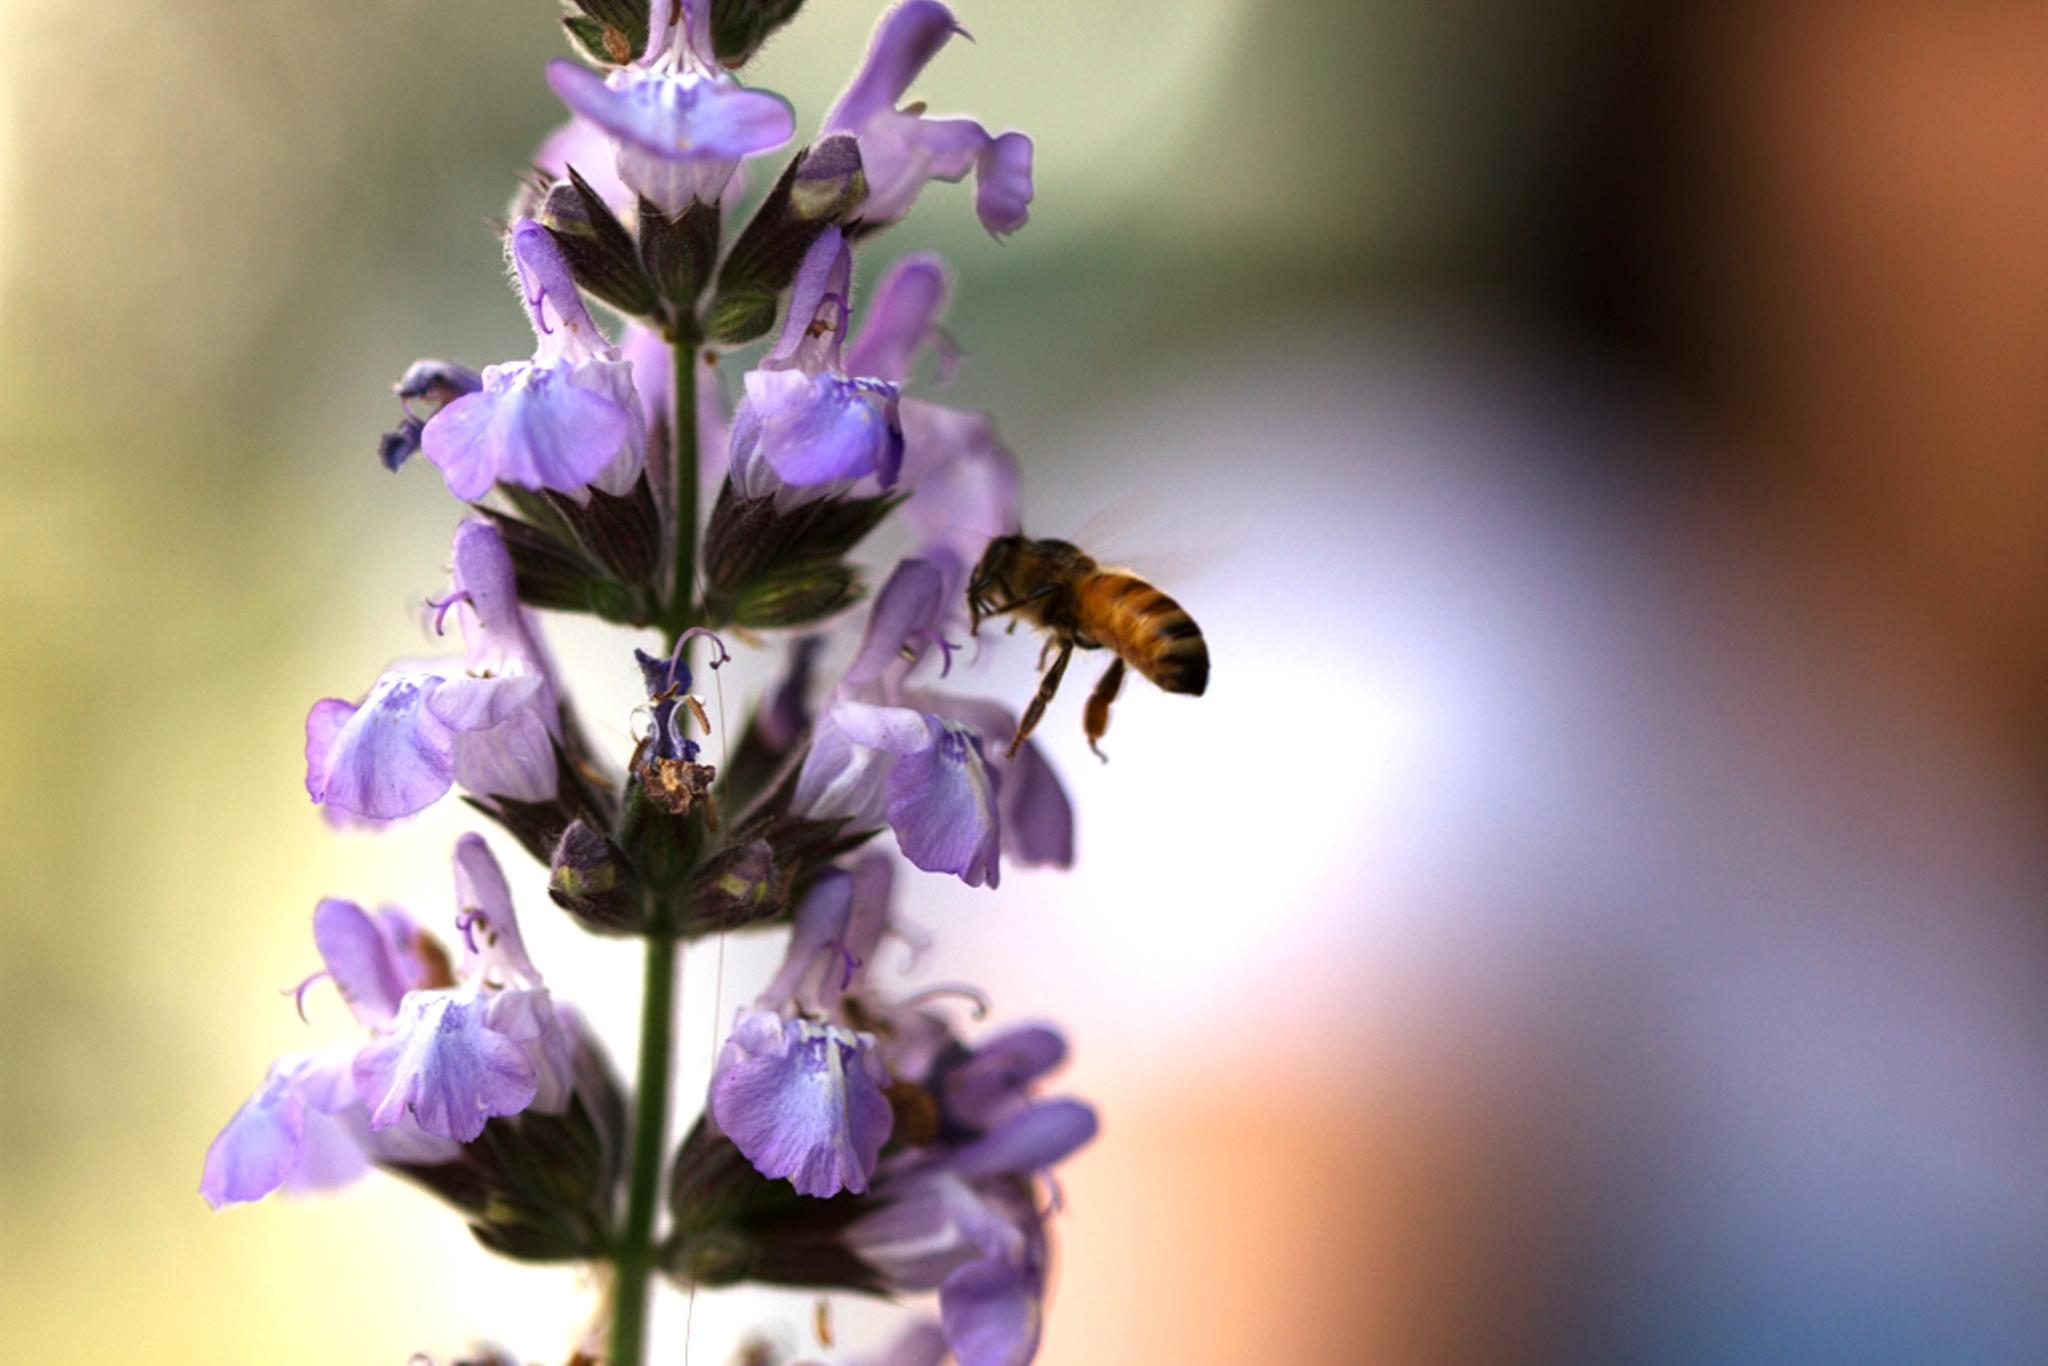 מועצת הדבש: מחקר חדש מגלה כי כמו בני אדם ישנן גם דבורים המורדות בדעות הקבוצה, סקרניות, ובעלות דעות עצמאיות